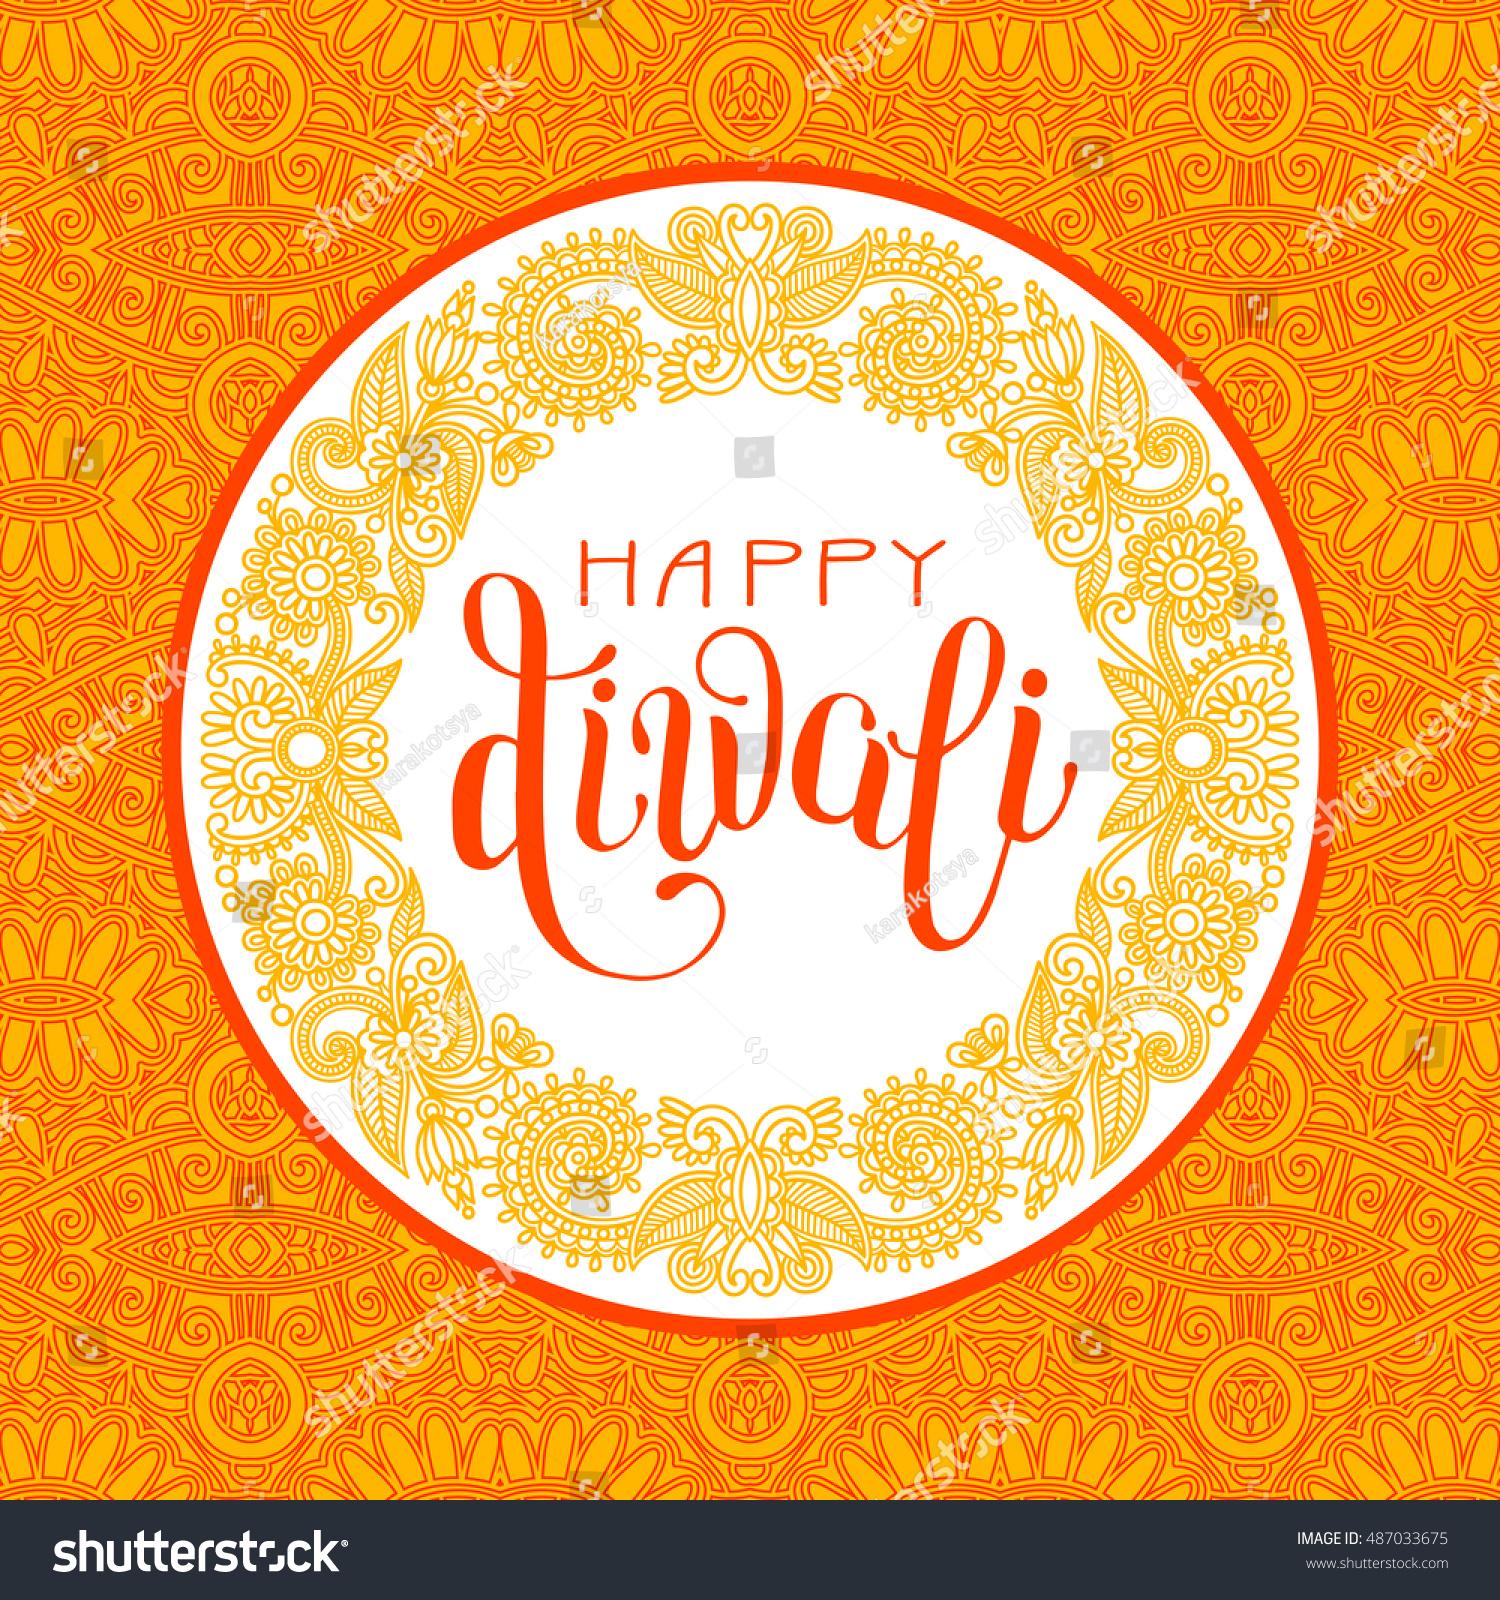 Happy Diwali Greeting Card Circle Ornamental Stock Vector Royalty